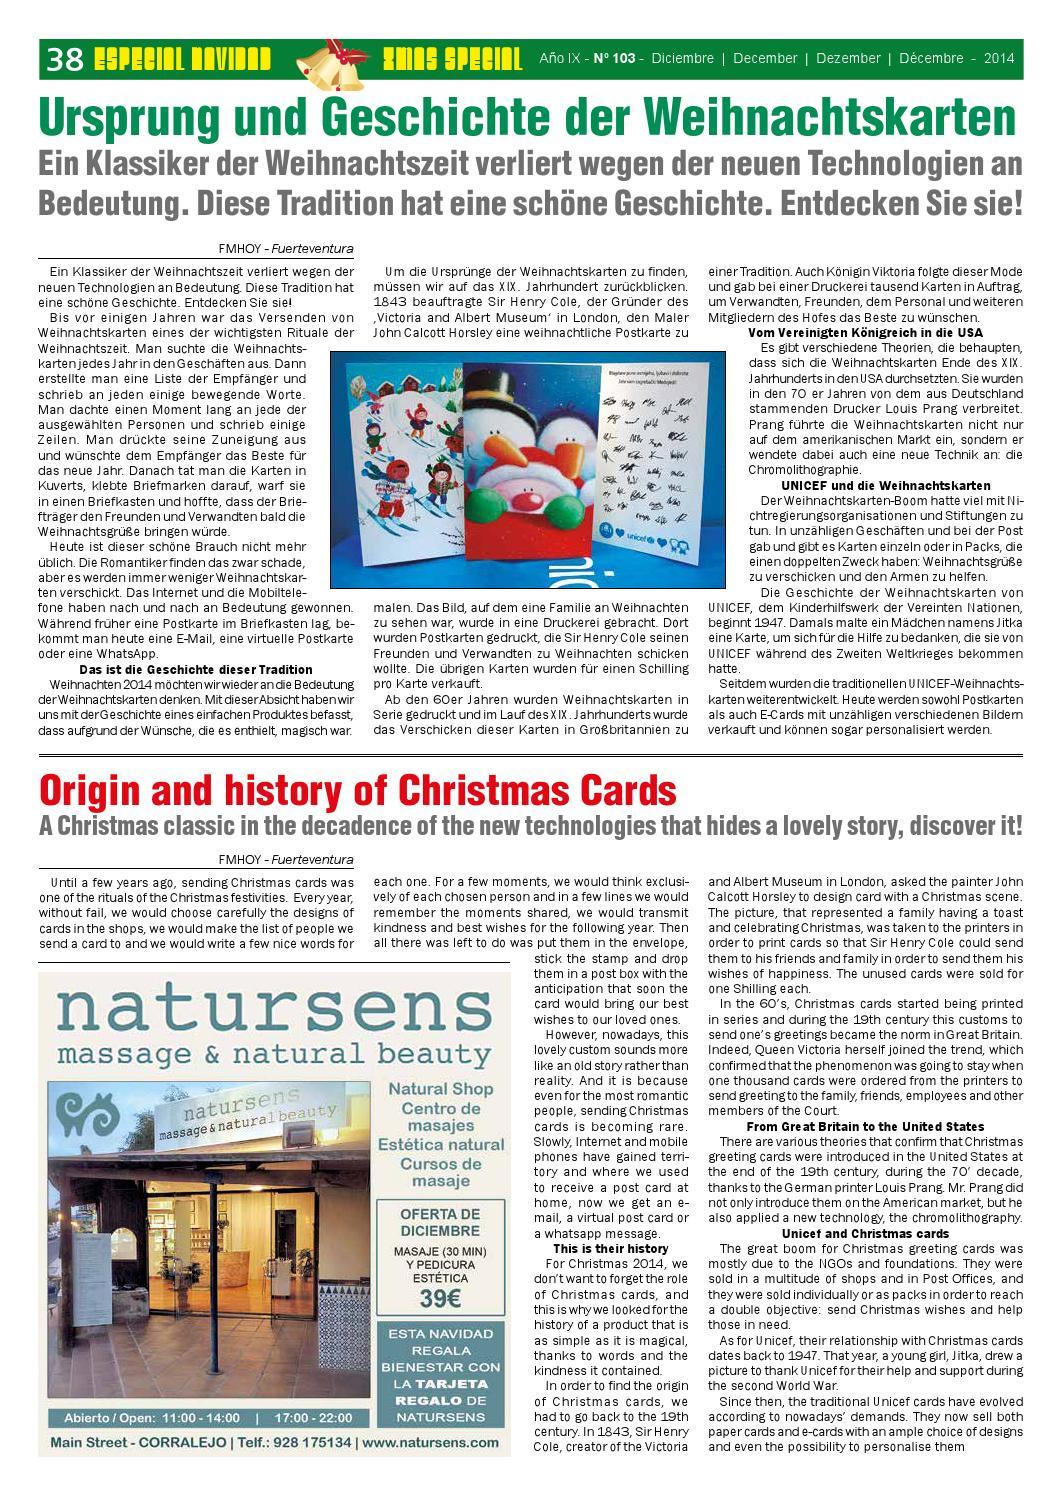 Virtuelle Weihnachtskarten Verschicken.Fuerteventura Magazine Hoy Nº 103 Diciembre By Fuerteventura